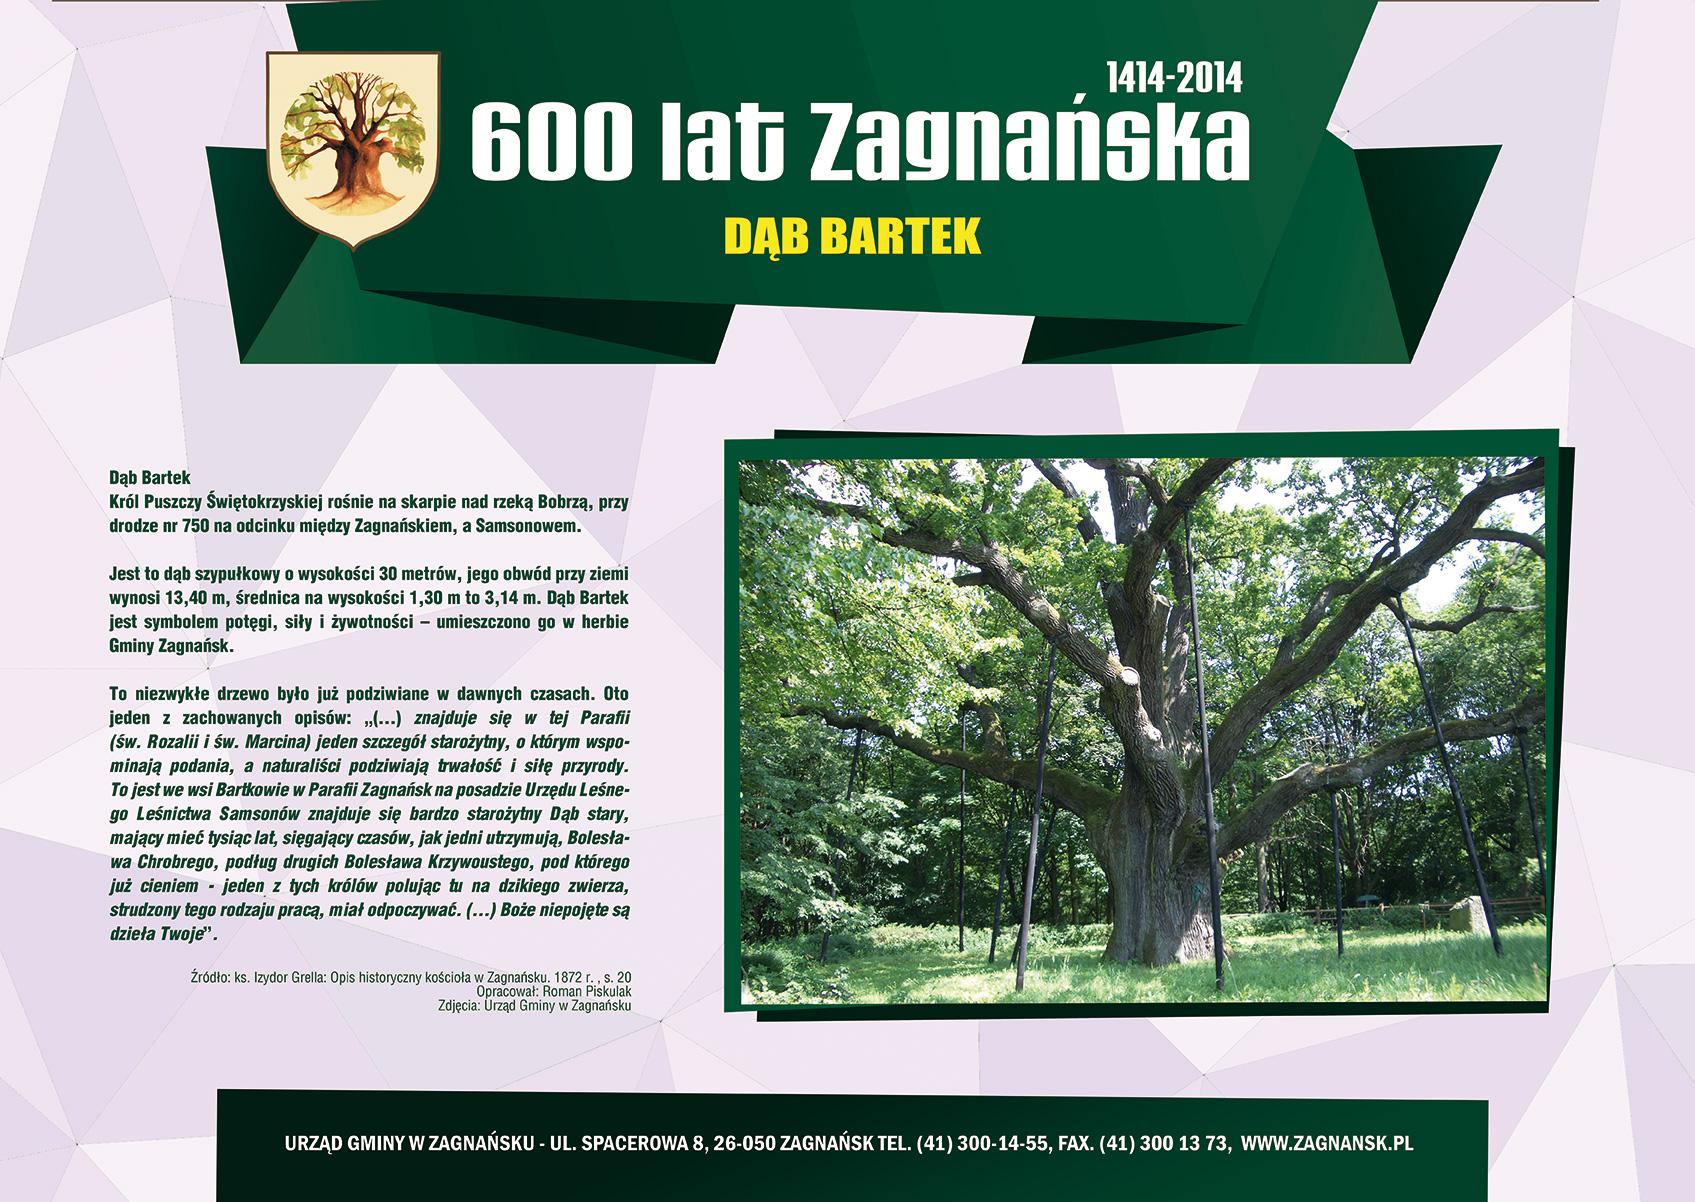 600 lat Zagnańska